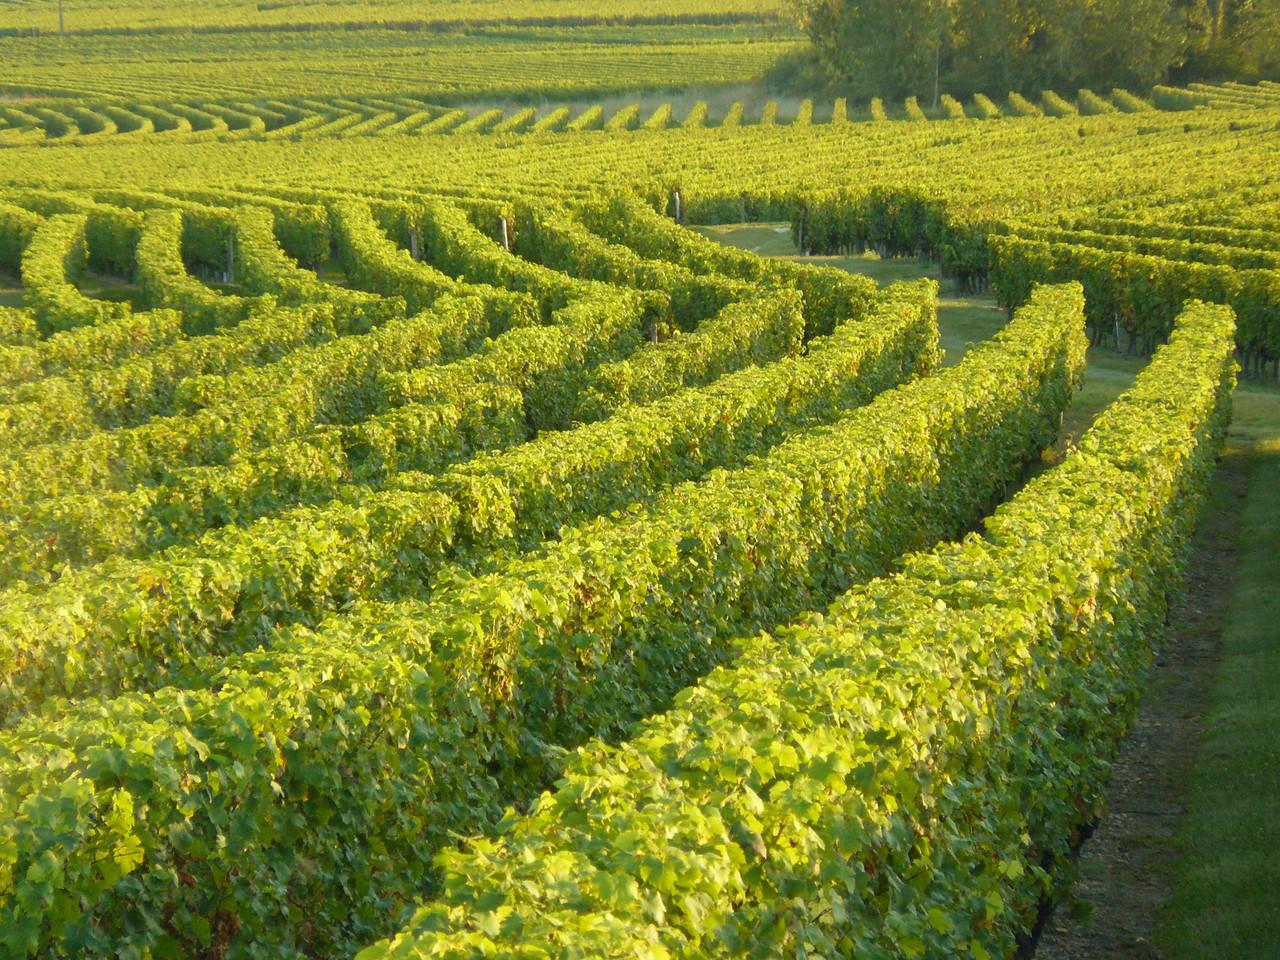 Vignoble de Bourgueil 22 rue du poids Bourgueil